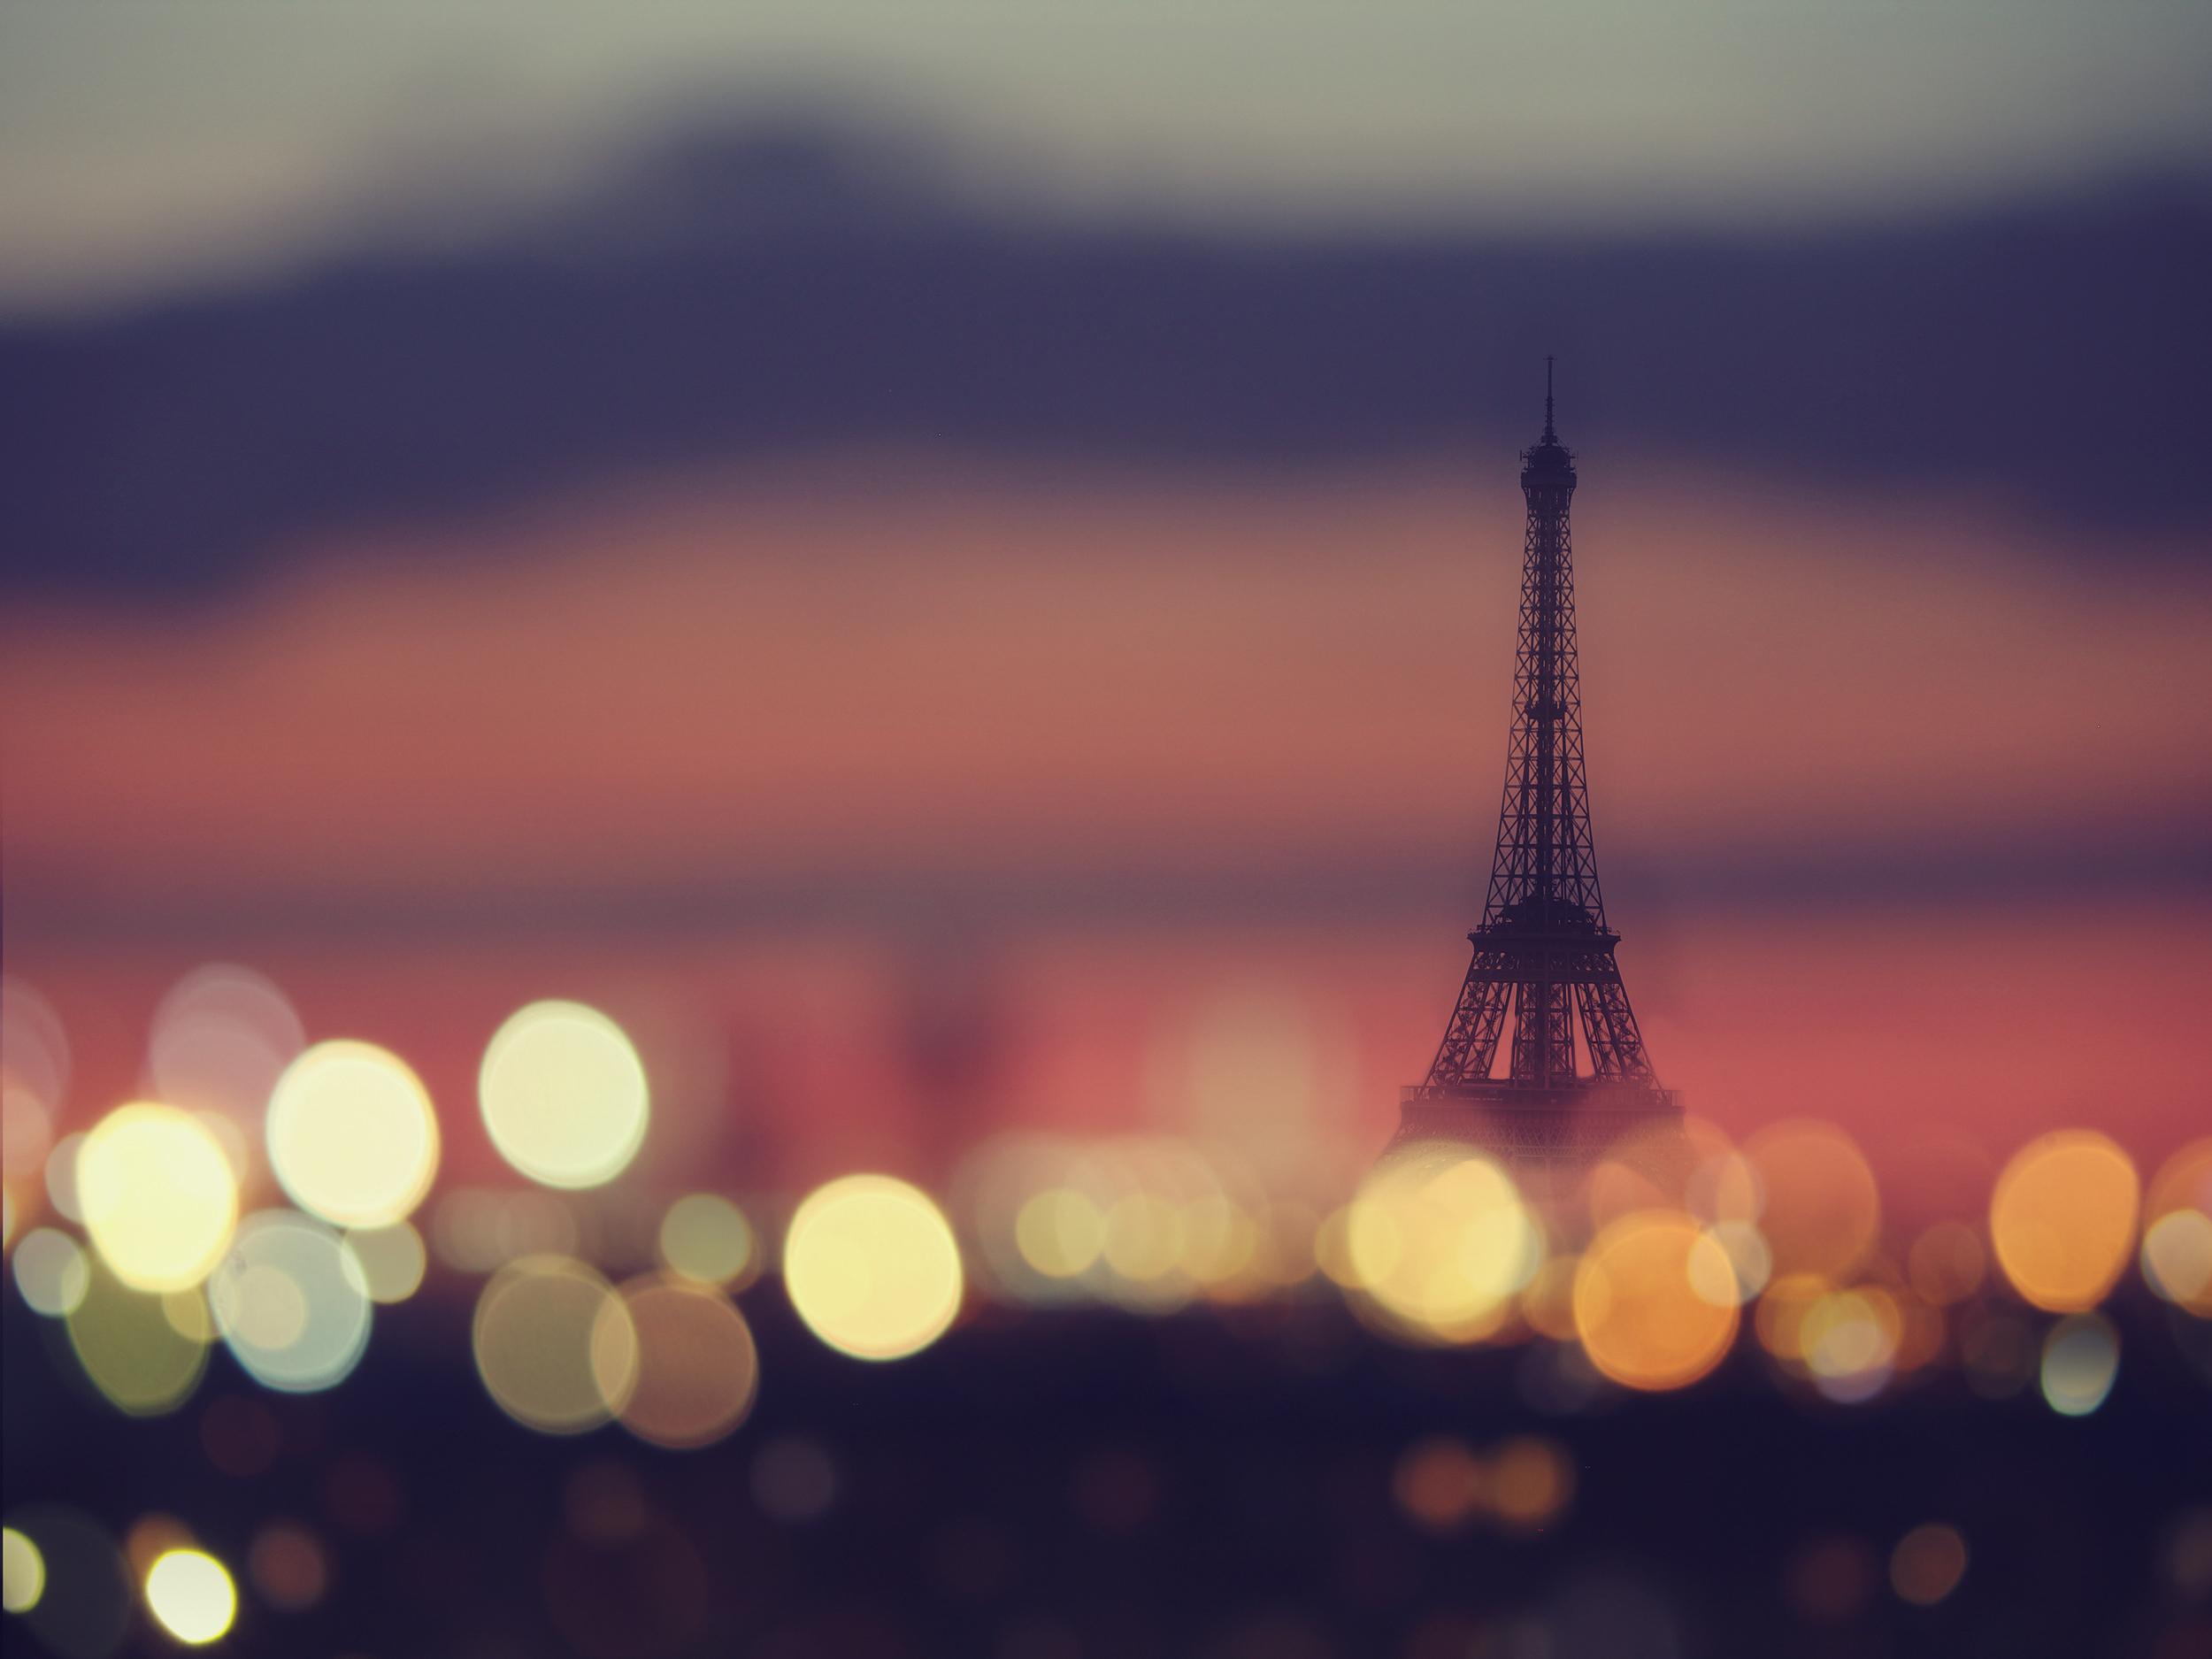 Silhouette De La Tour Eiffel Et De La Nuit Les Lumières De Paris En France Stock Photo.jpg